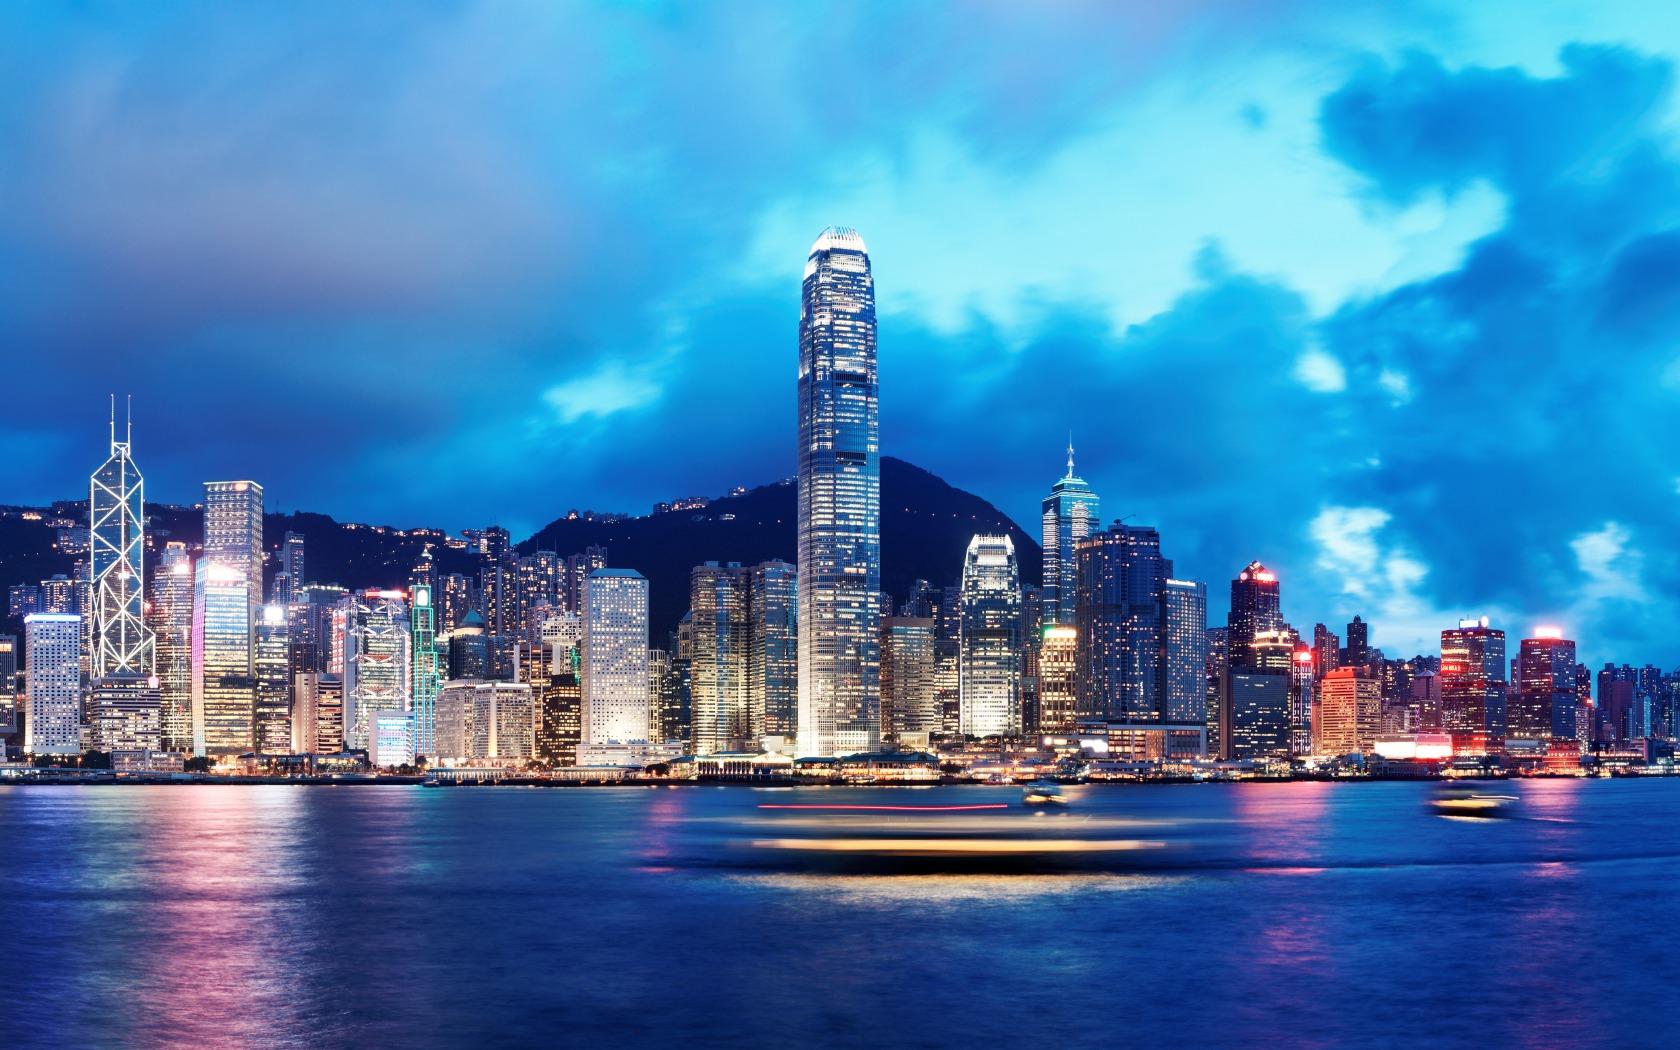 Hong Kong: Hong Kong Wallpapers, Pictures, Images